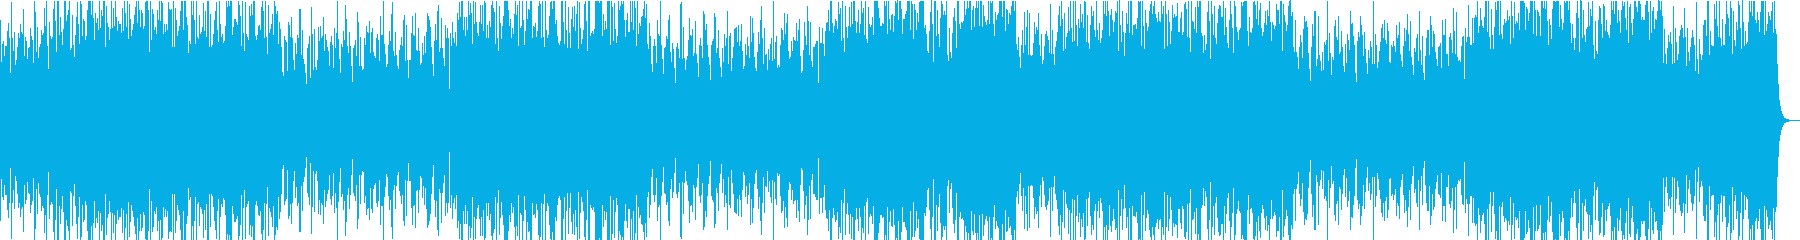 おだやか/琴/尺八/カラオケの再生済みの波形